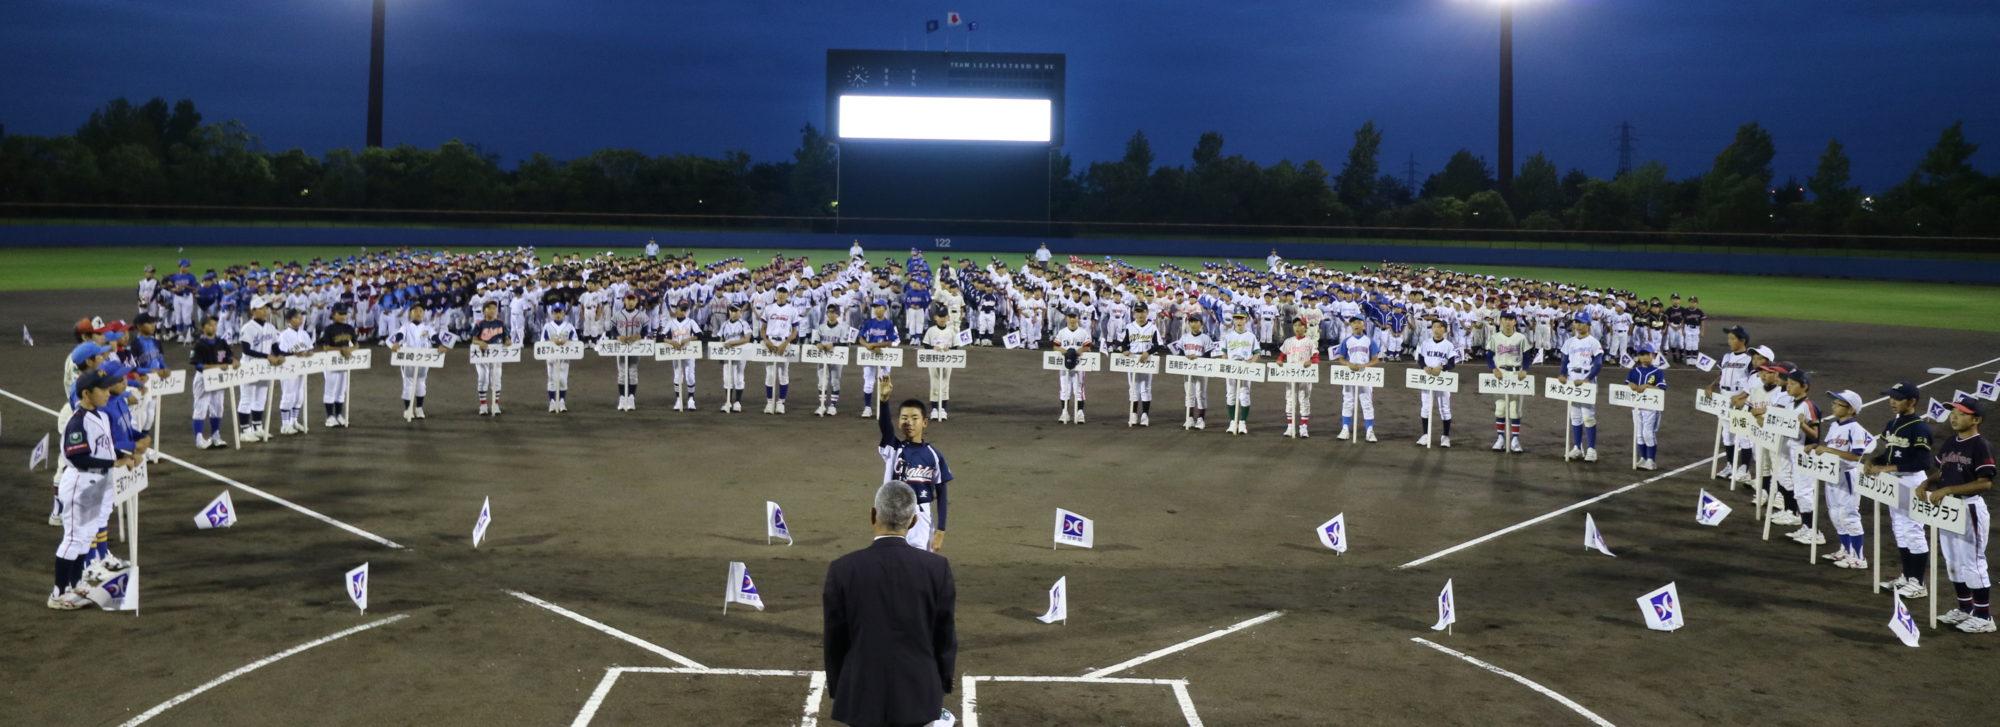 金沢市学童野球連盟 – 目指そう世界!